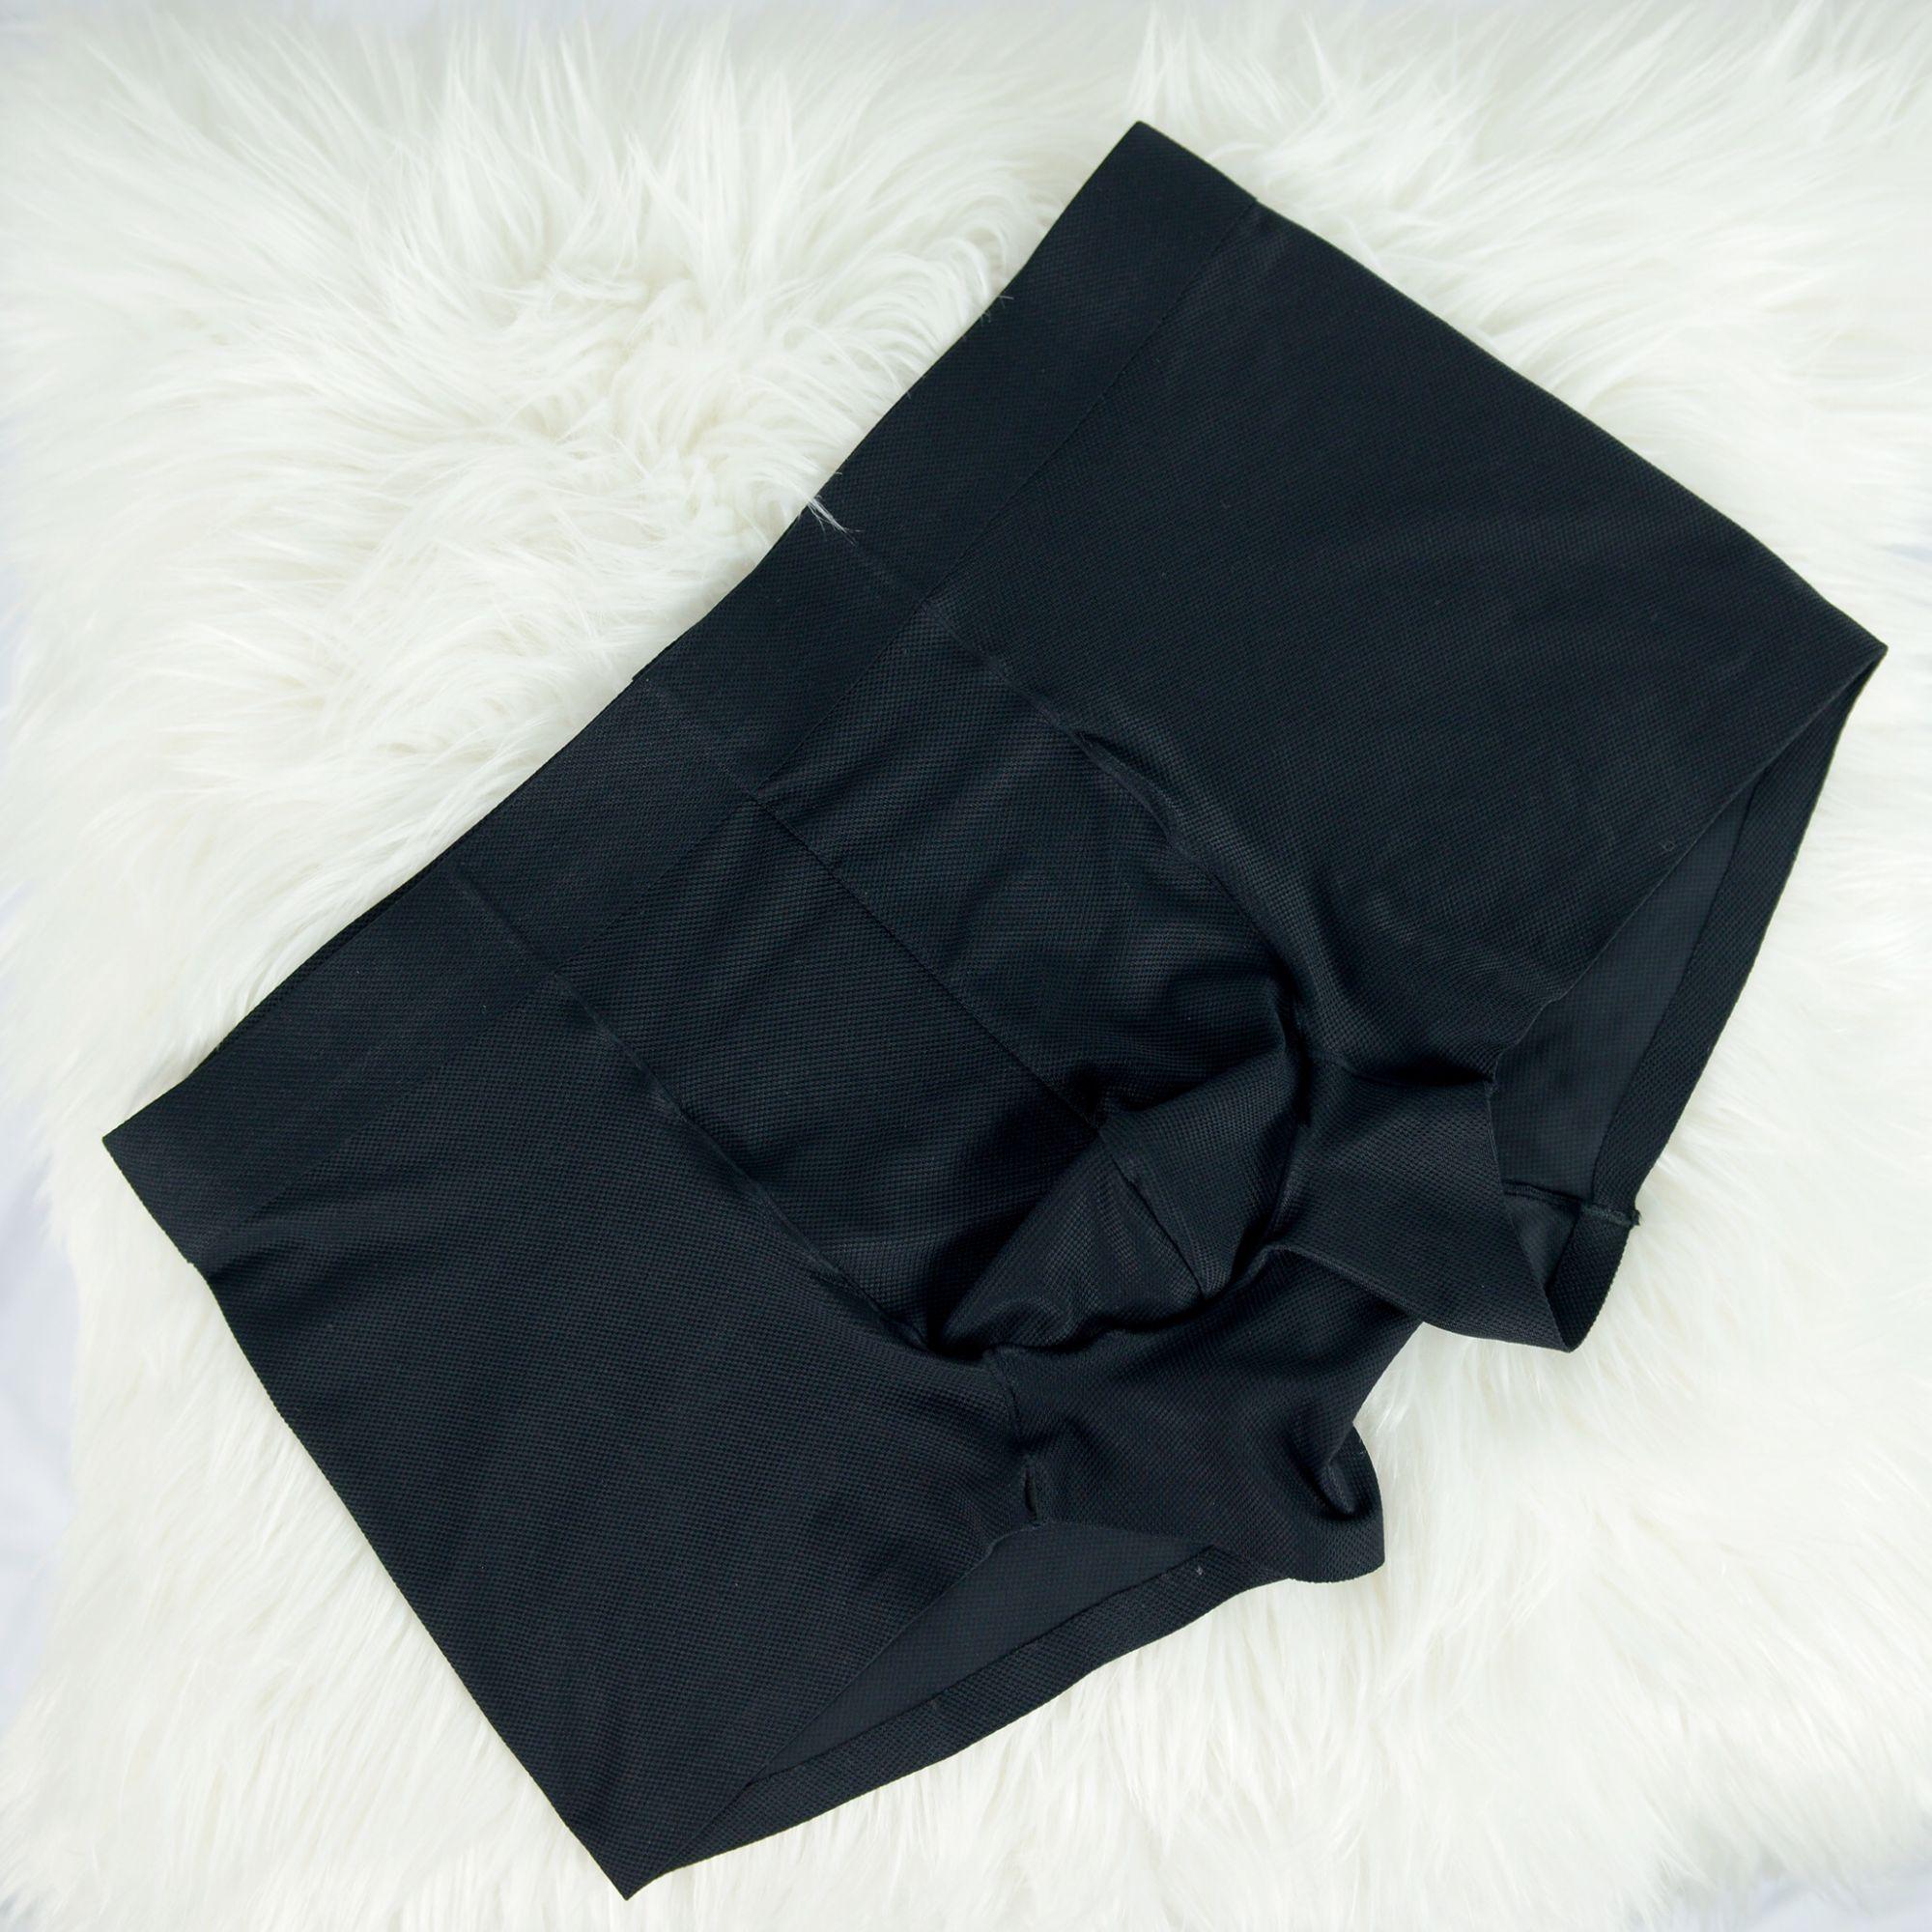 Nguyên tắc giúp mặc quần lót nam đúng cách